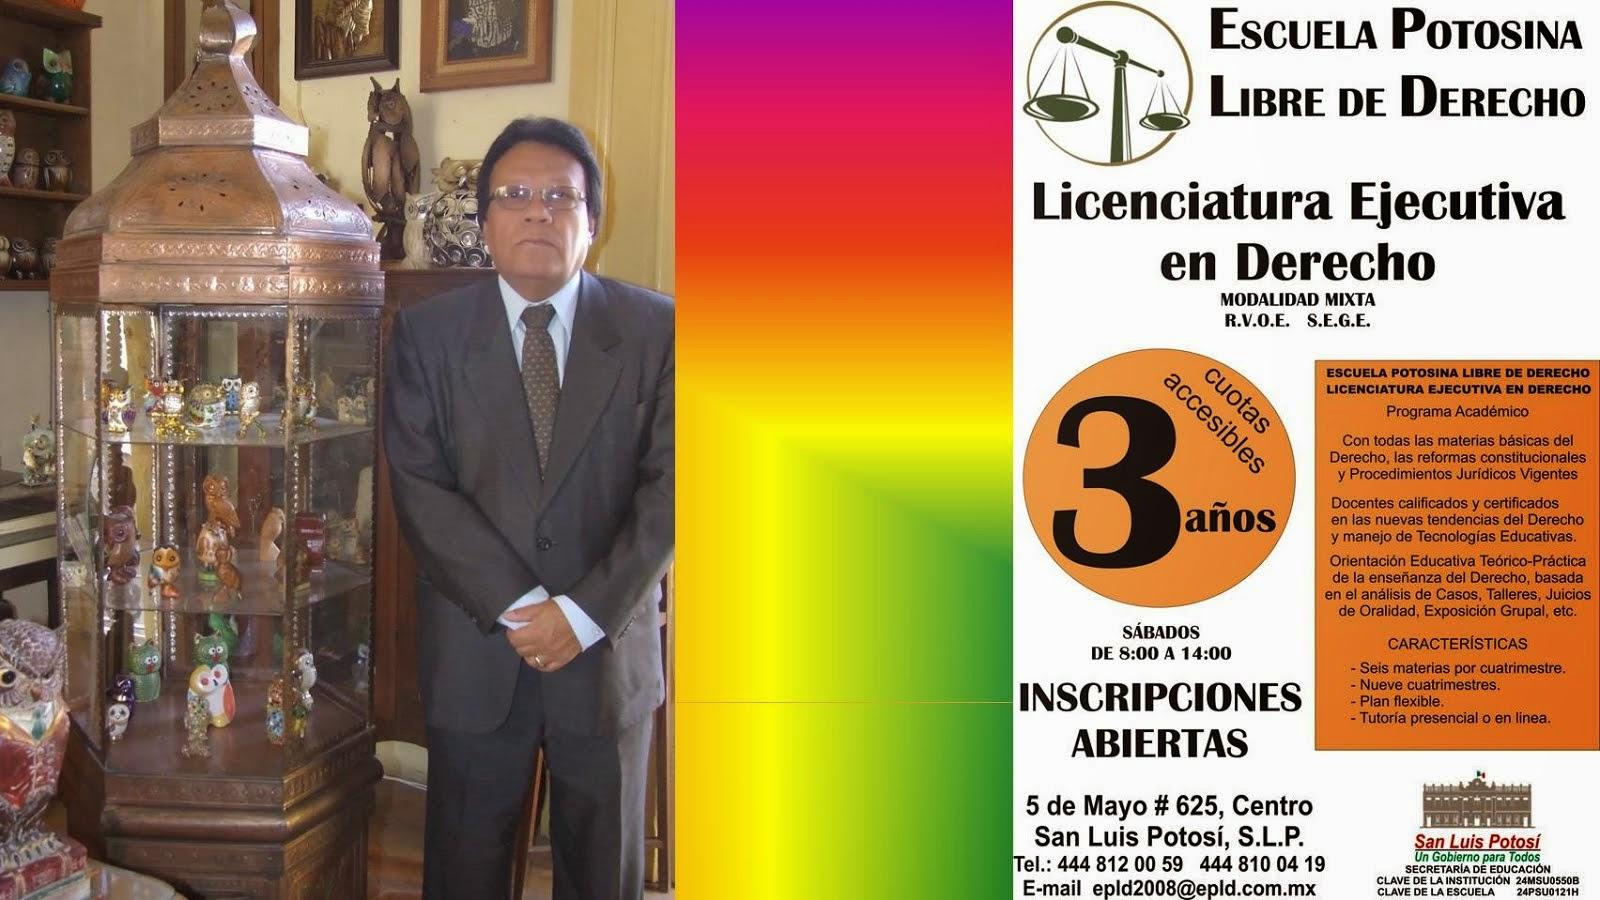 LICENCIATURA EJECUTIVA EN DERECHO.